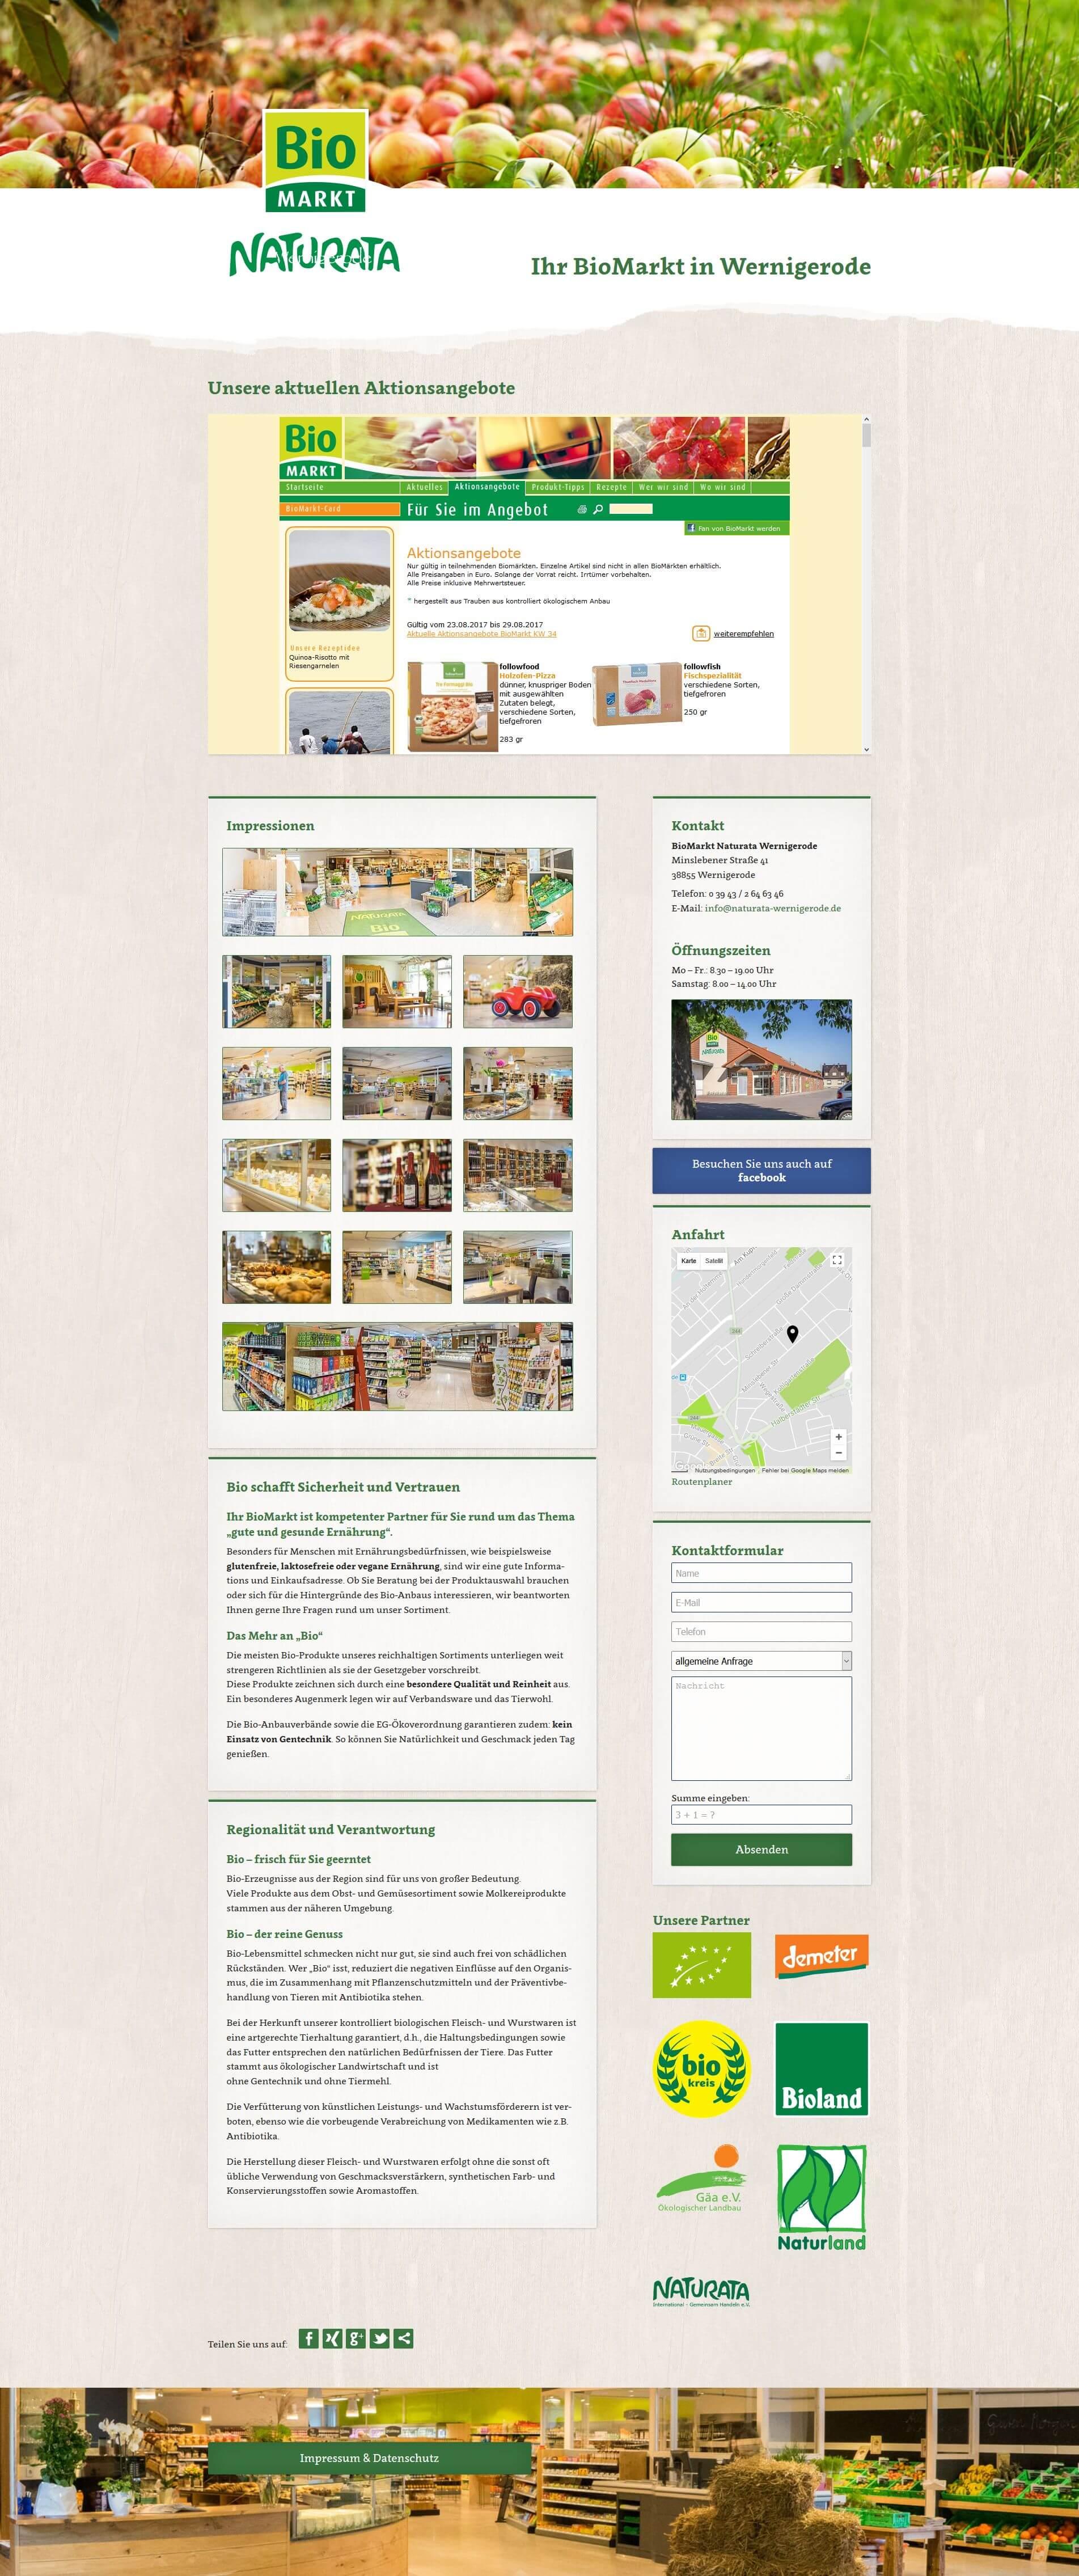 Webdesign | BioMarkt Naturata Wernigerode